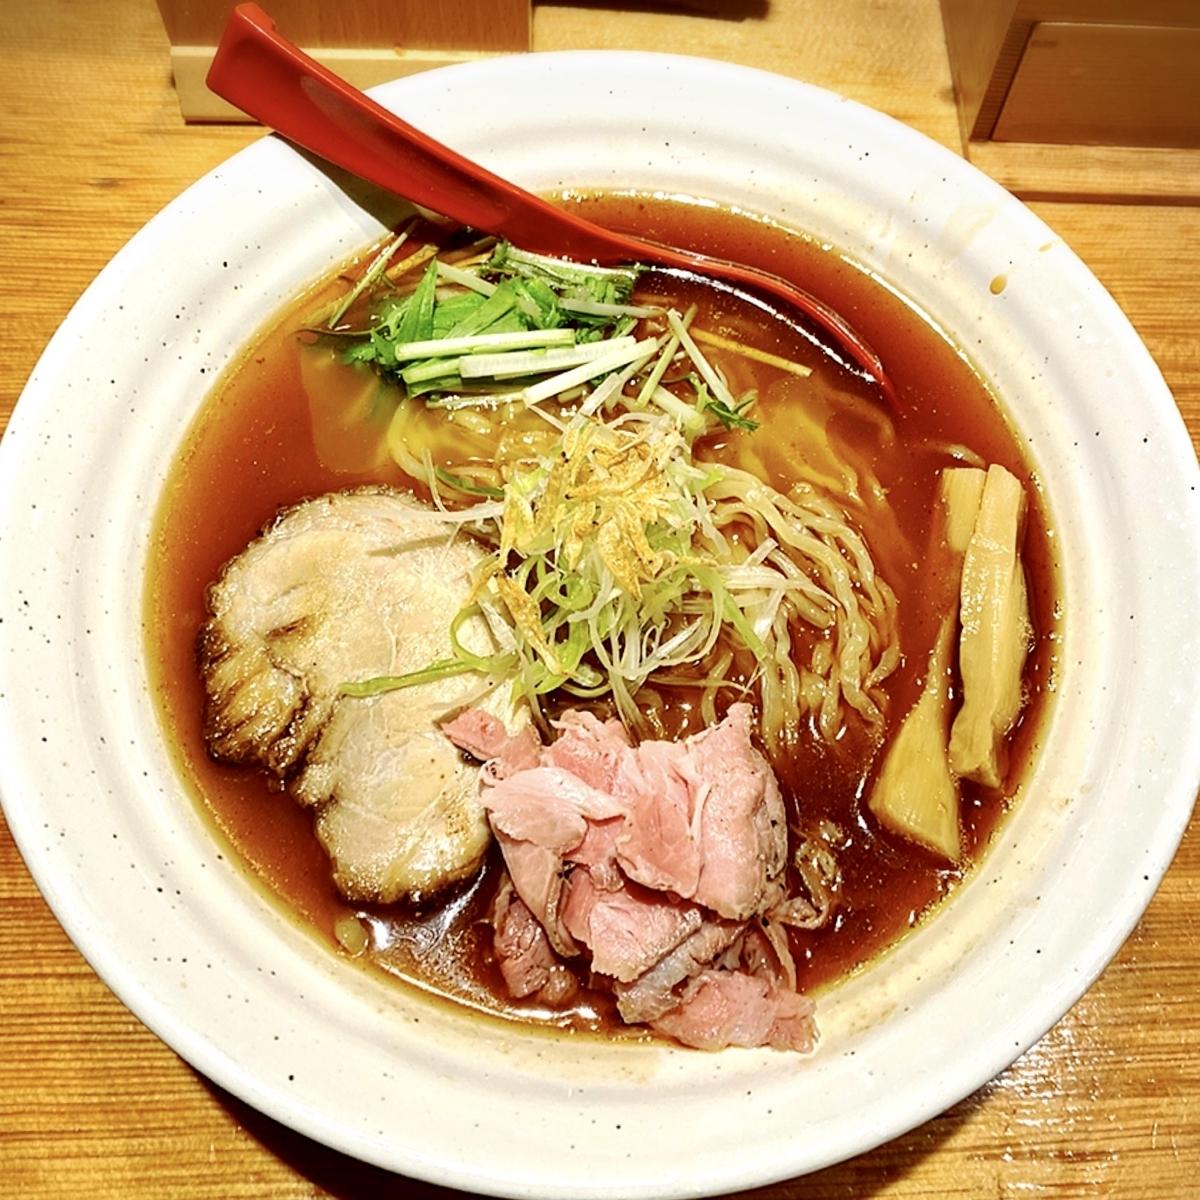 あごだしの香りが食欲をそそる「焼きあご塩らー麺 たかはし 新宿本店」